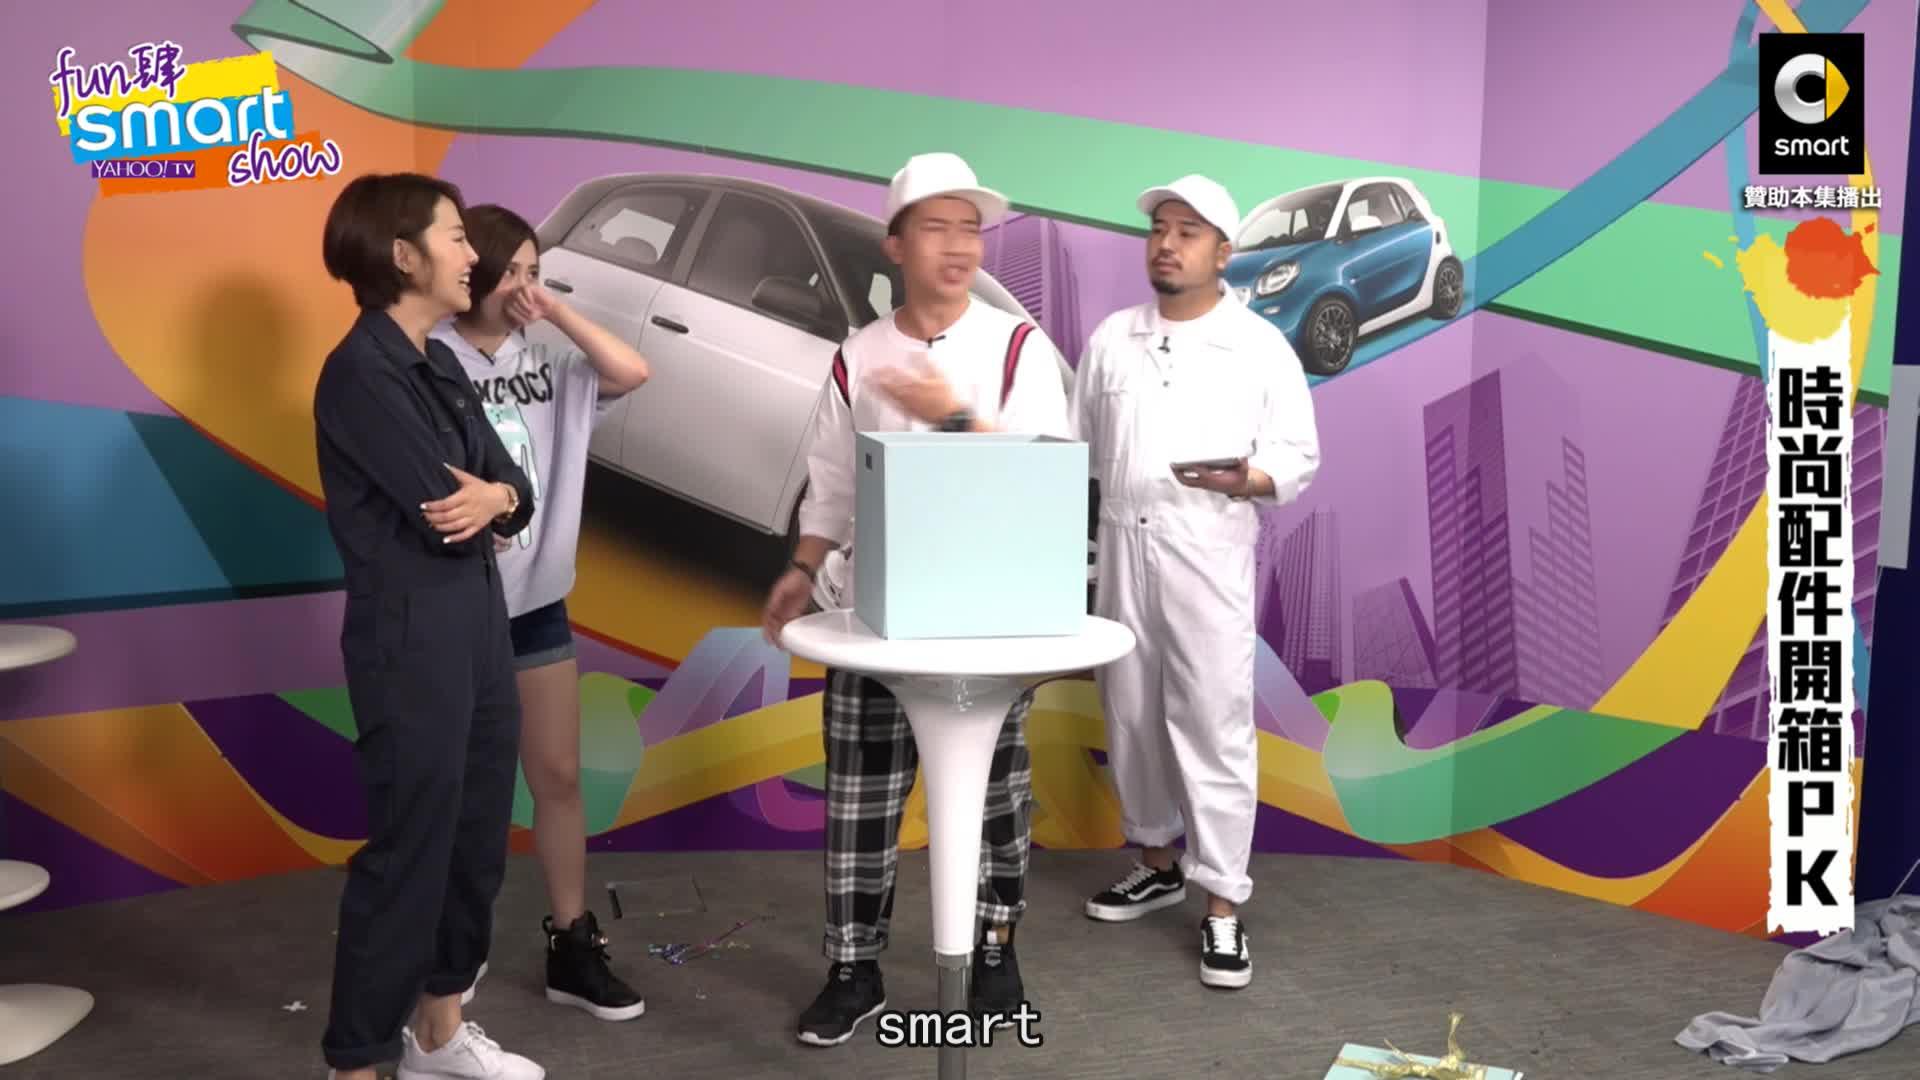 張立東&黃小柔 決戰個性時尚-Fun肆smart show